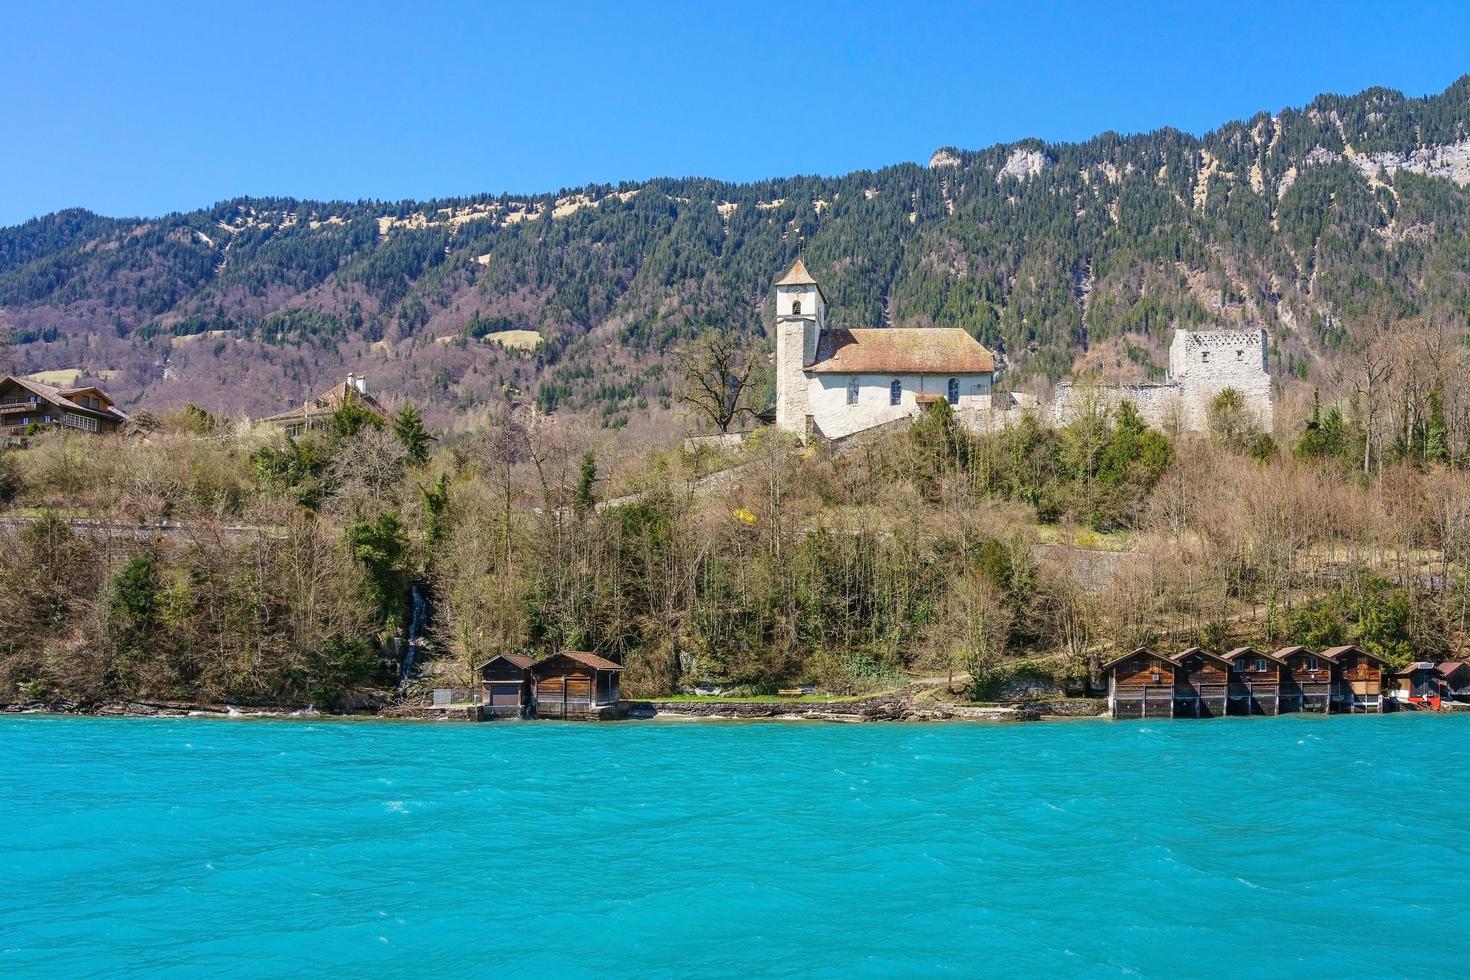 città di brienz sul lago di brienz da interlaken, svizzera foto